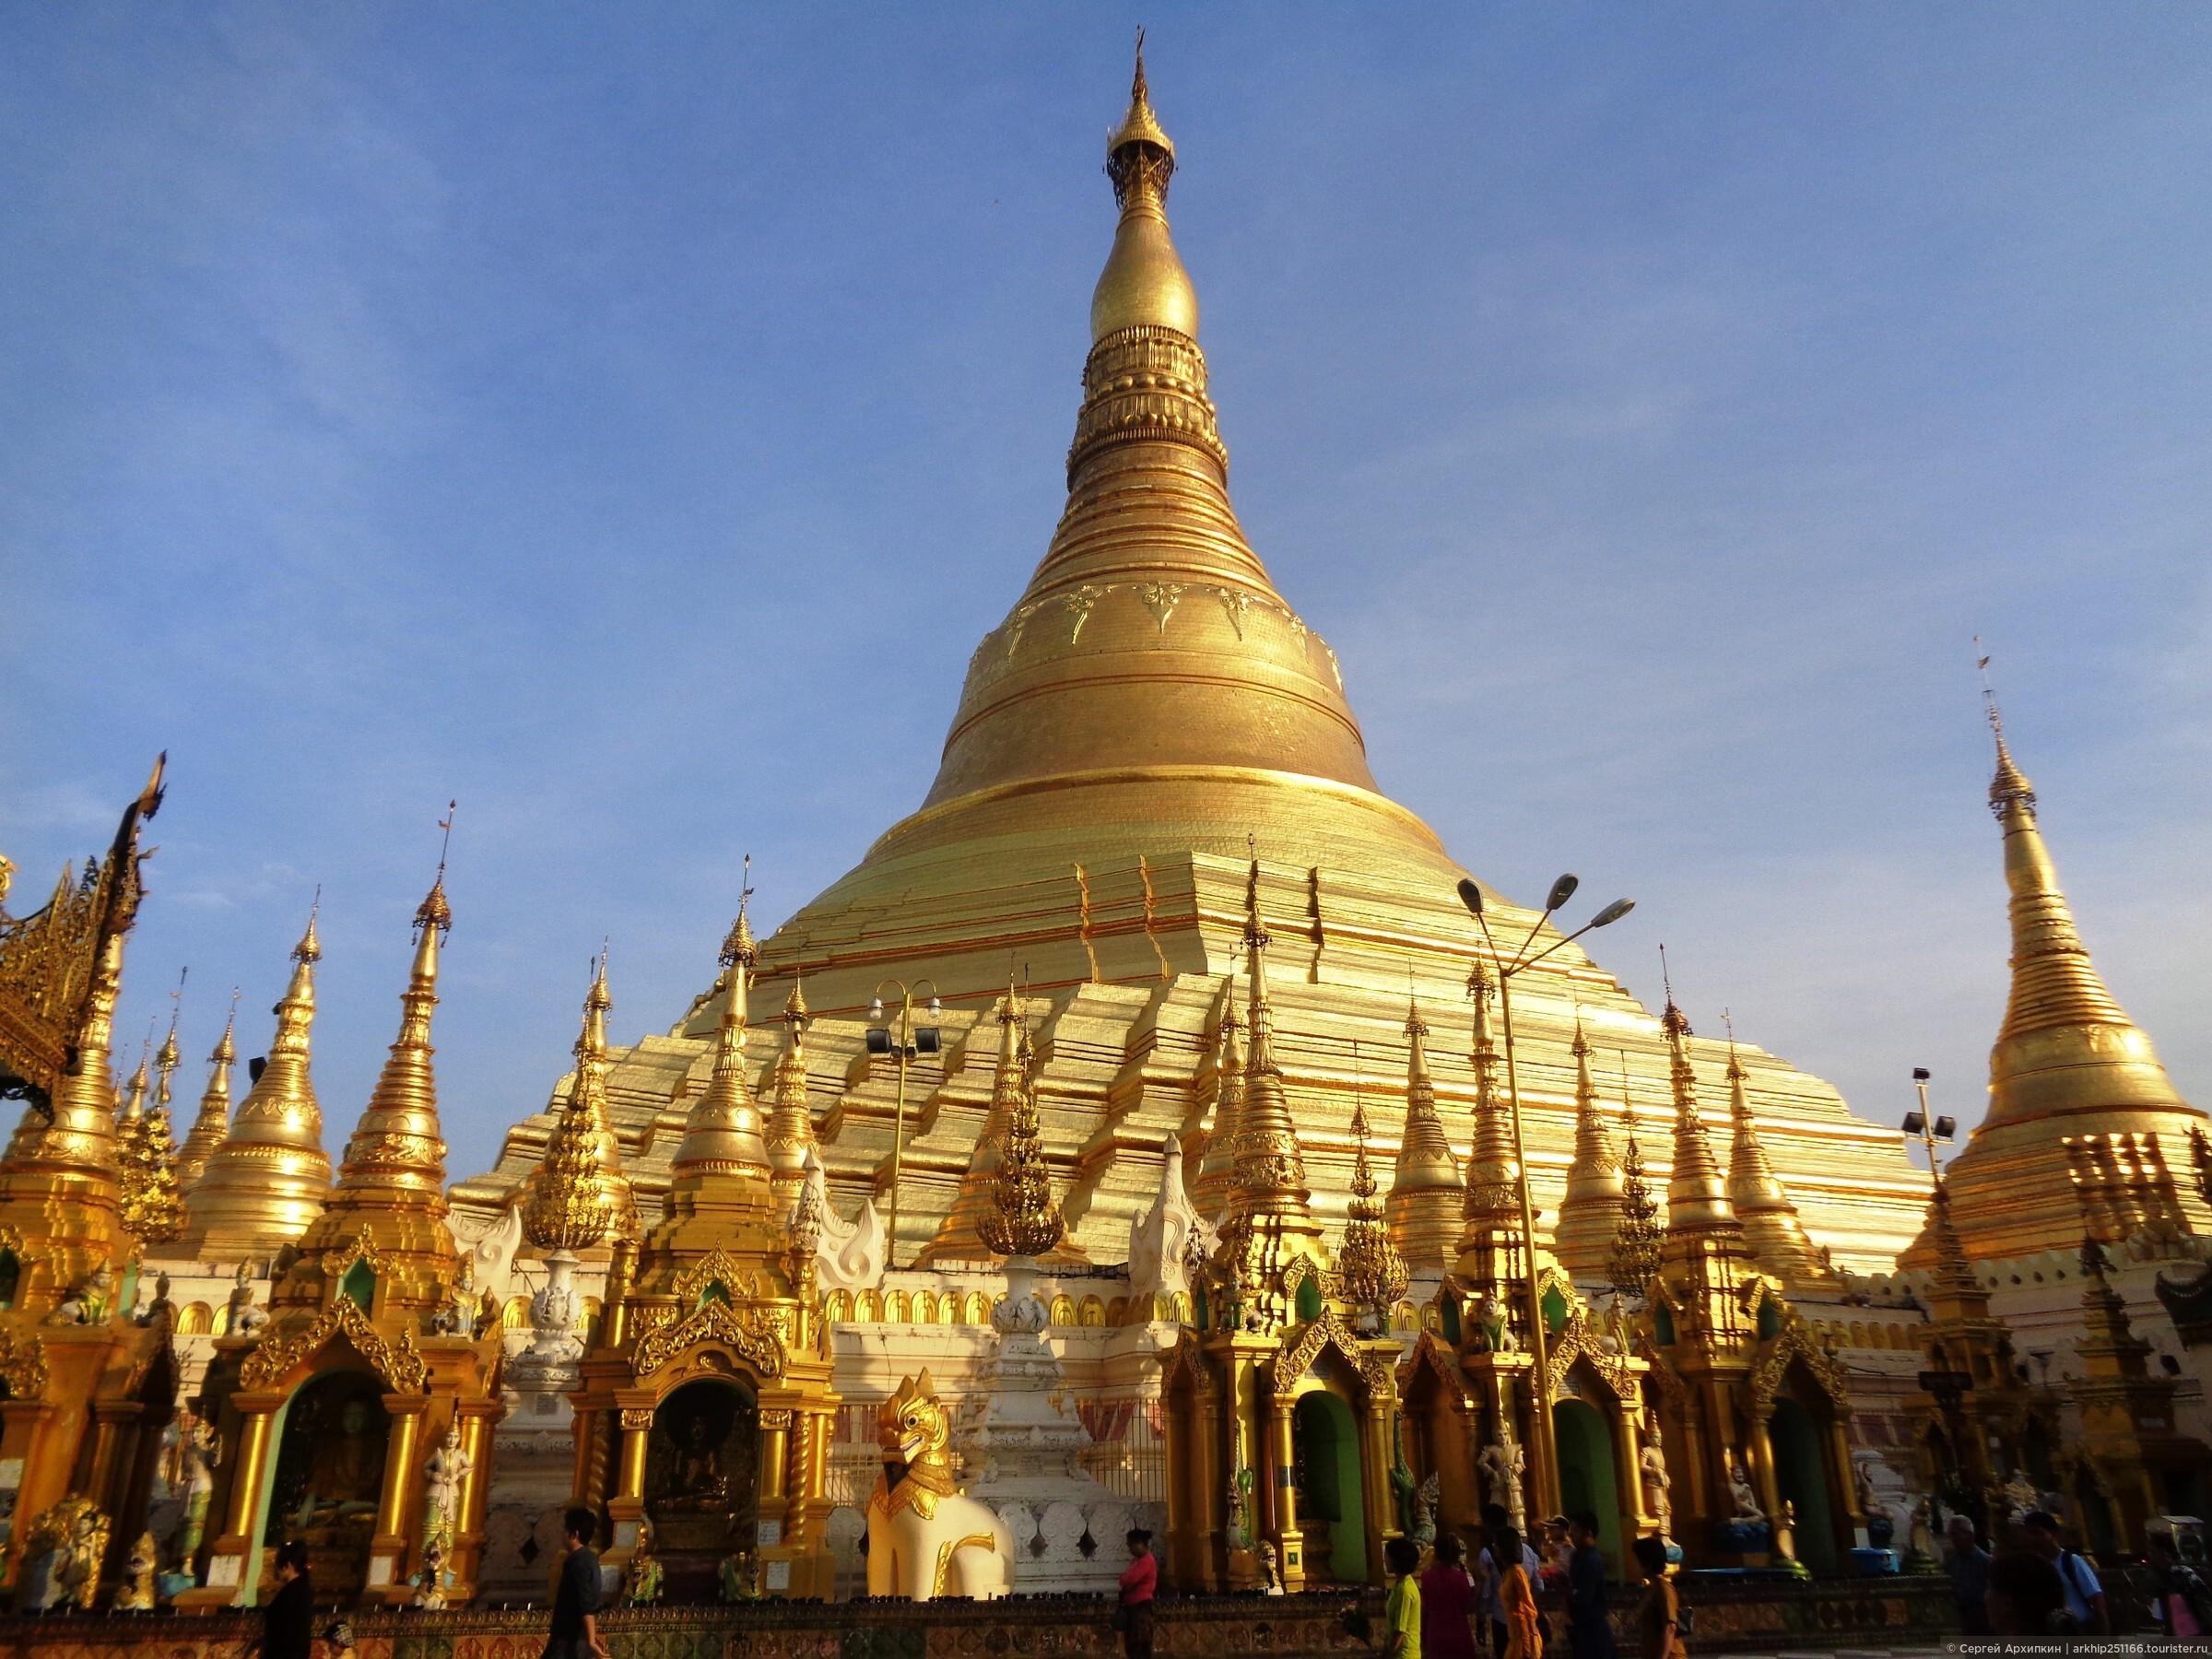 Самостоятельно в Мьянму — навстречу с золотыми пагодами Янгона